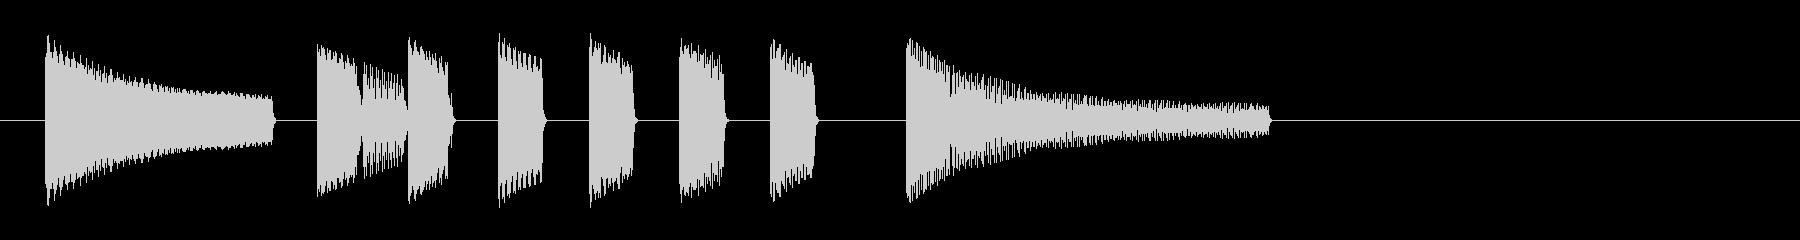 達成 ファミコン 8bitファンファーレの未再生の波形